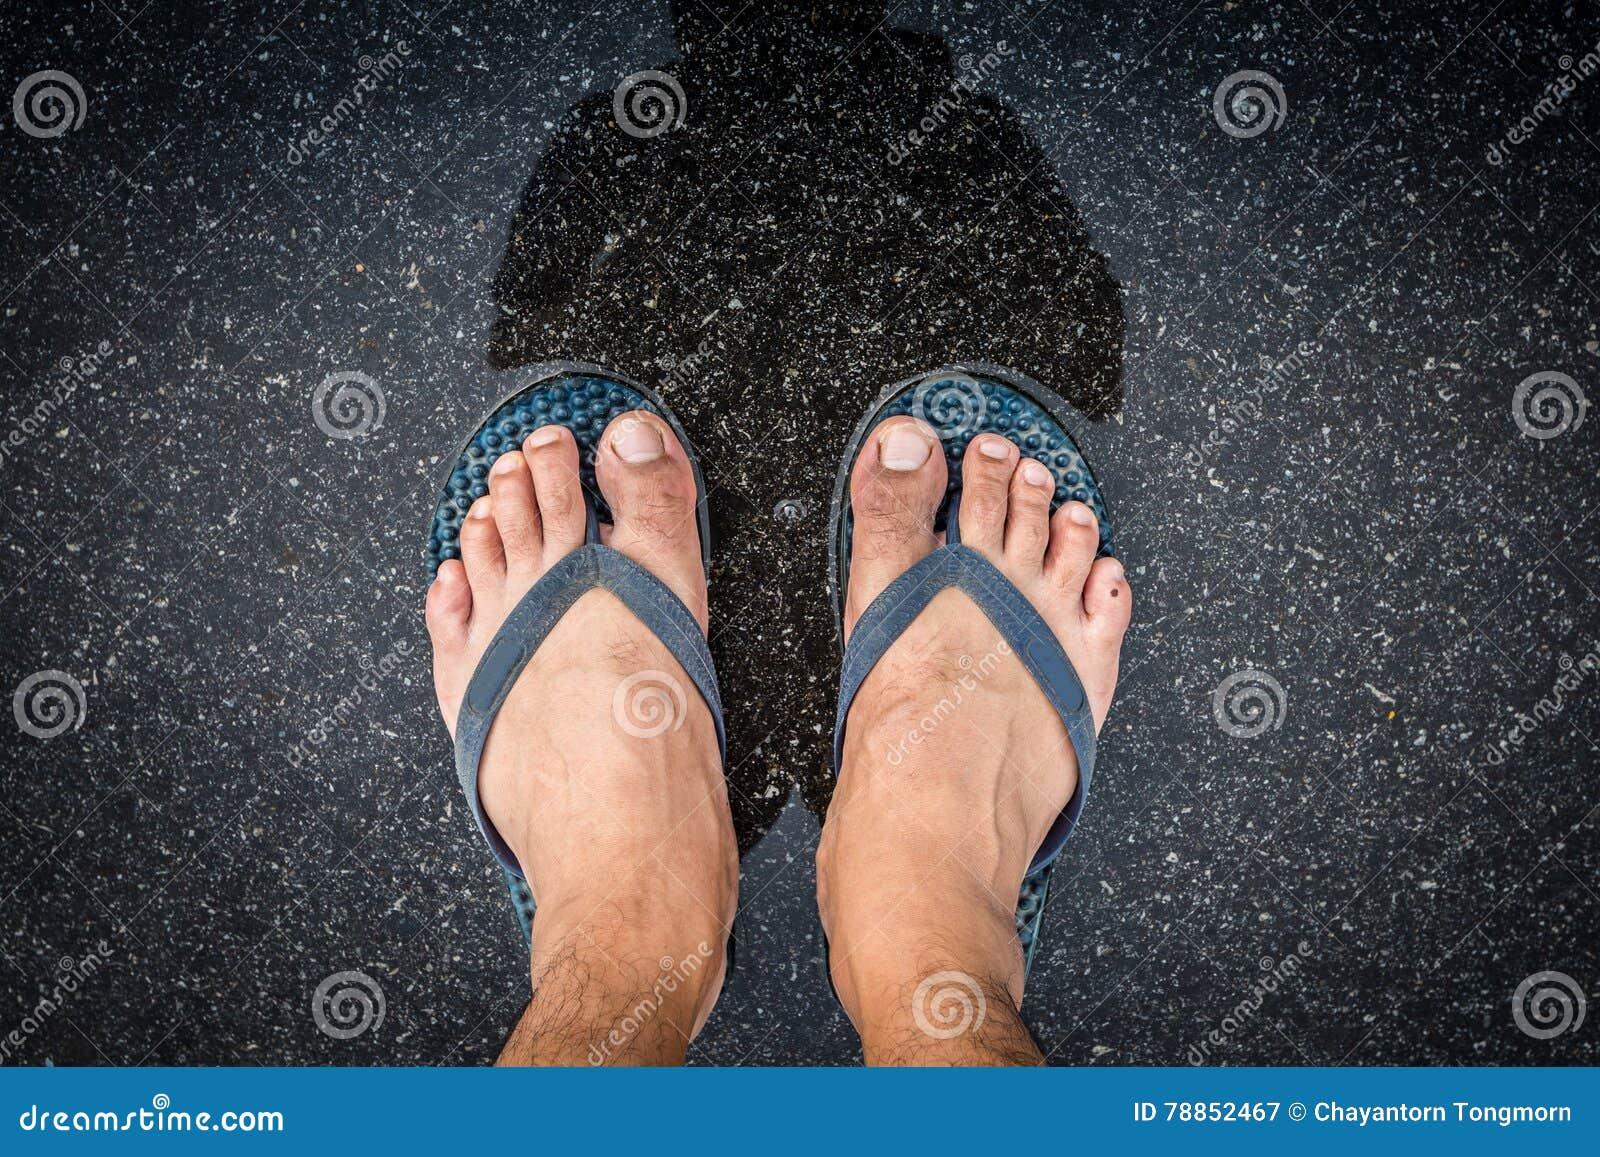 top view feet in sandals selfie shot of asian men legs with wet